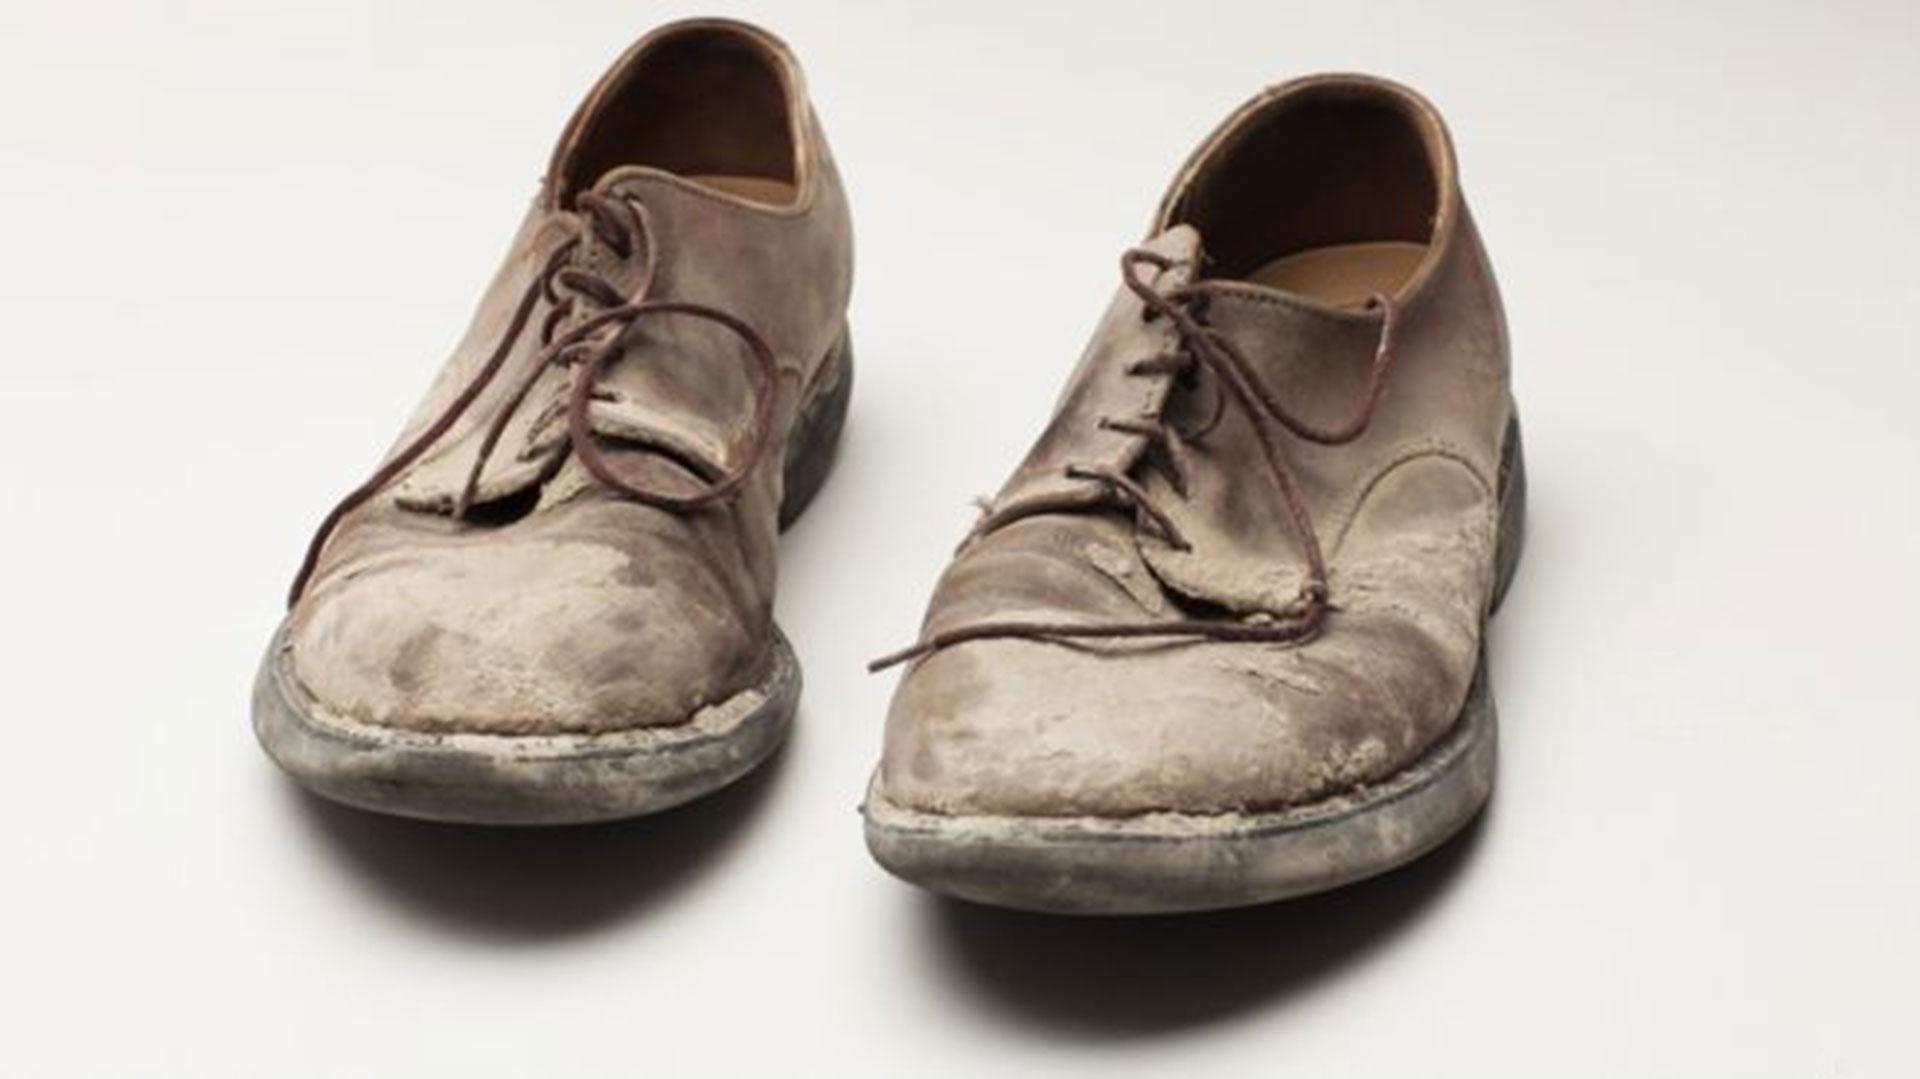 Los zapatos polvorientos de Roger Hawke, un sobreviviente que se encontraba en el piso 59 de la Torre Norte al momento del ataque y pudo ser evacuado